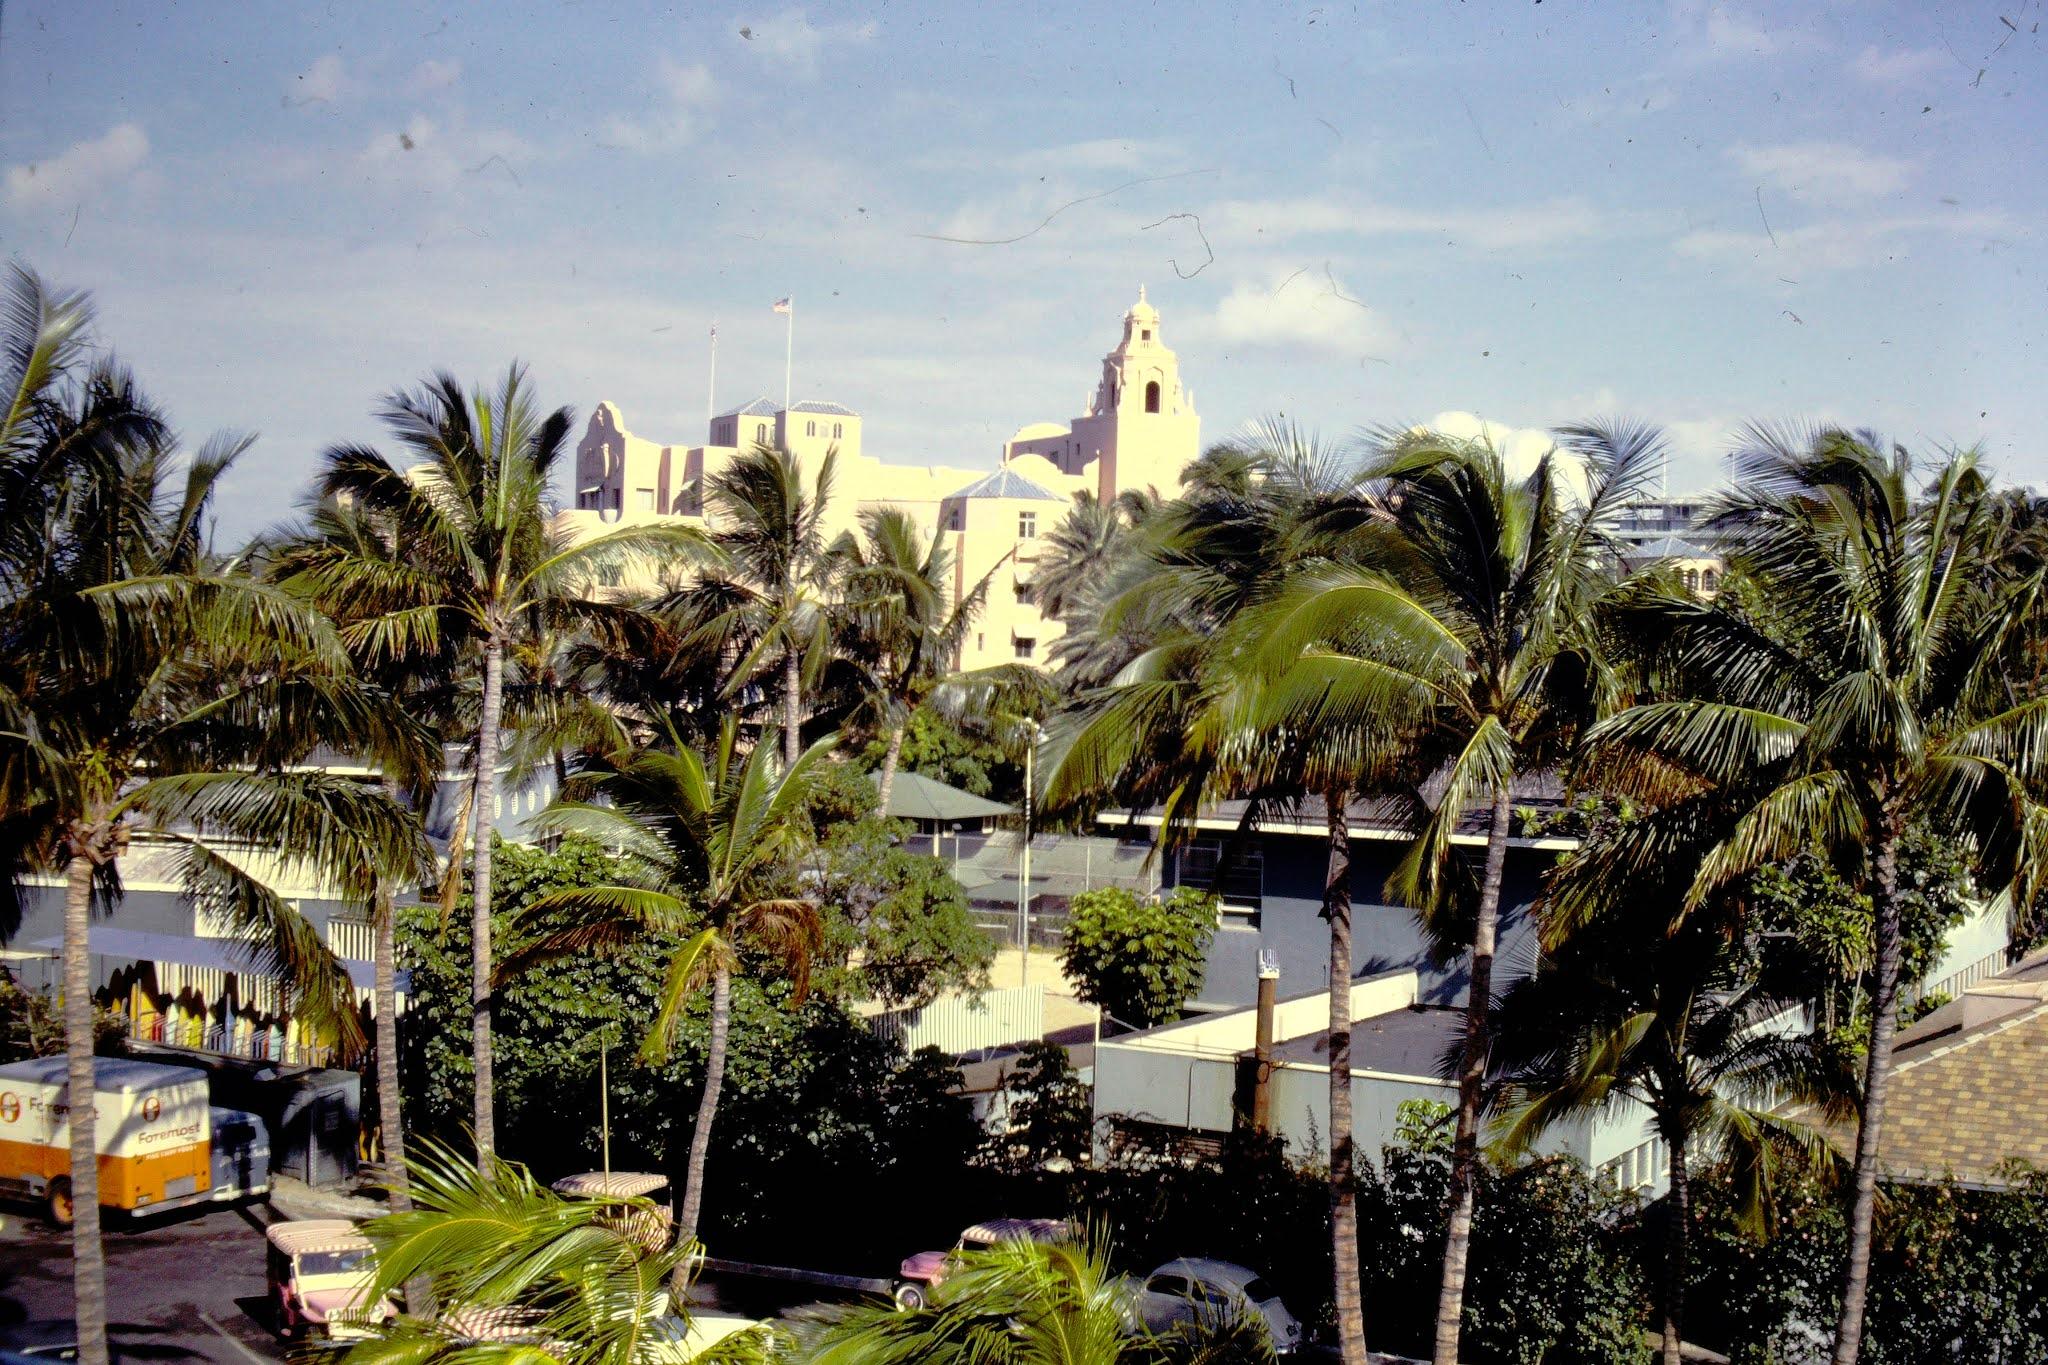 Royal Hawaiian Hotel - 1961